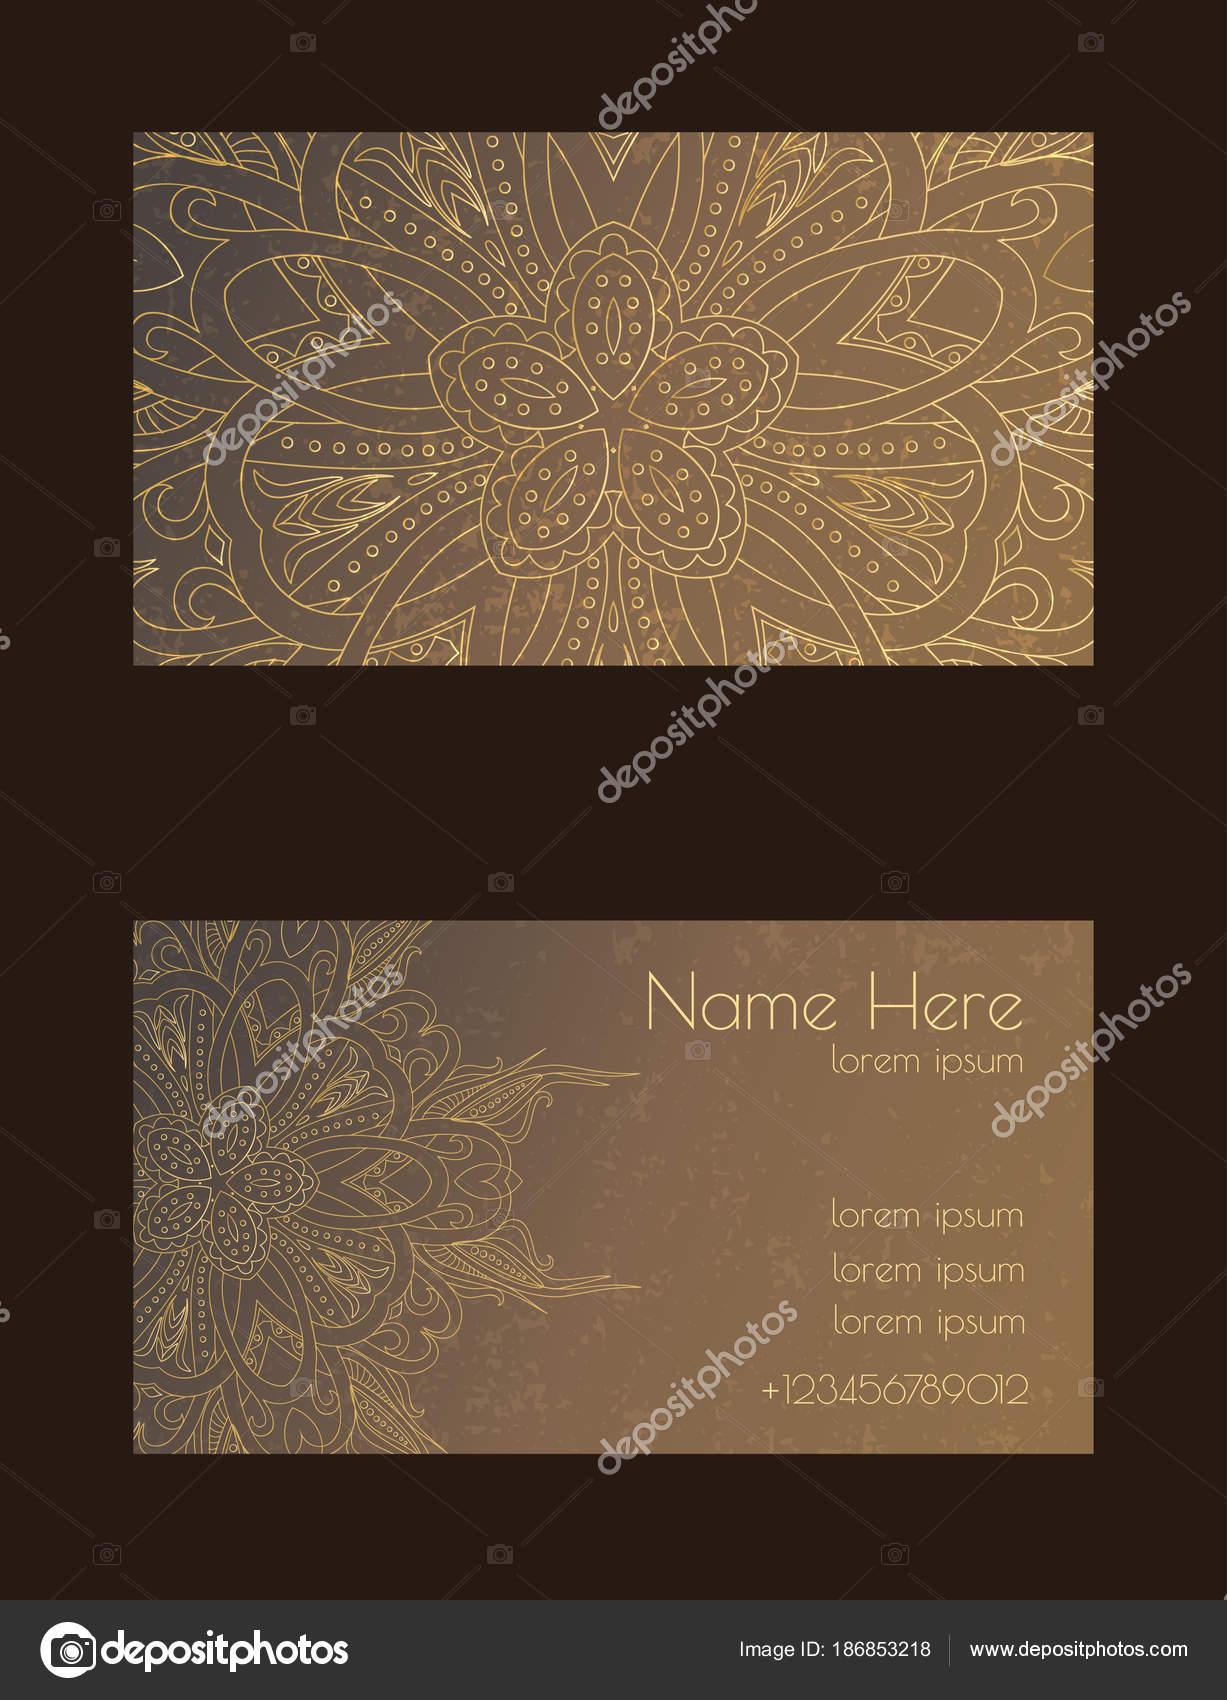 Le Modele Modifiable De Vecteur Avec Avant Et Arriere Visiter Cartes Busines Carte Vith Mandala Arabesque Design Doodle Rechauffer Les Couleurs Brun Or